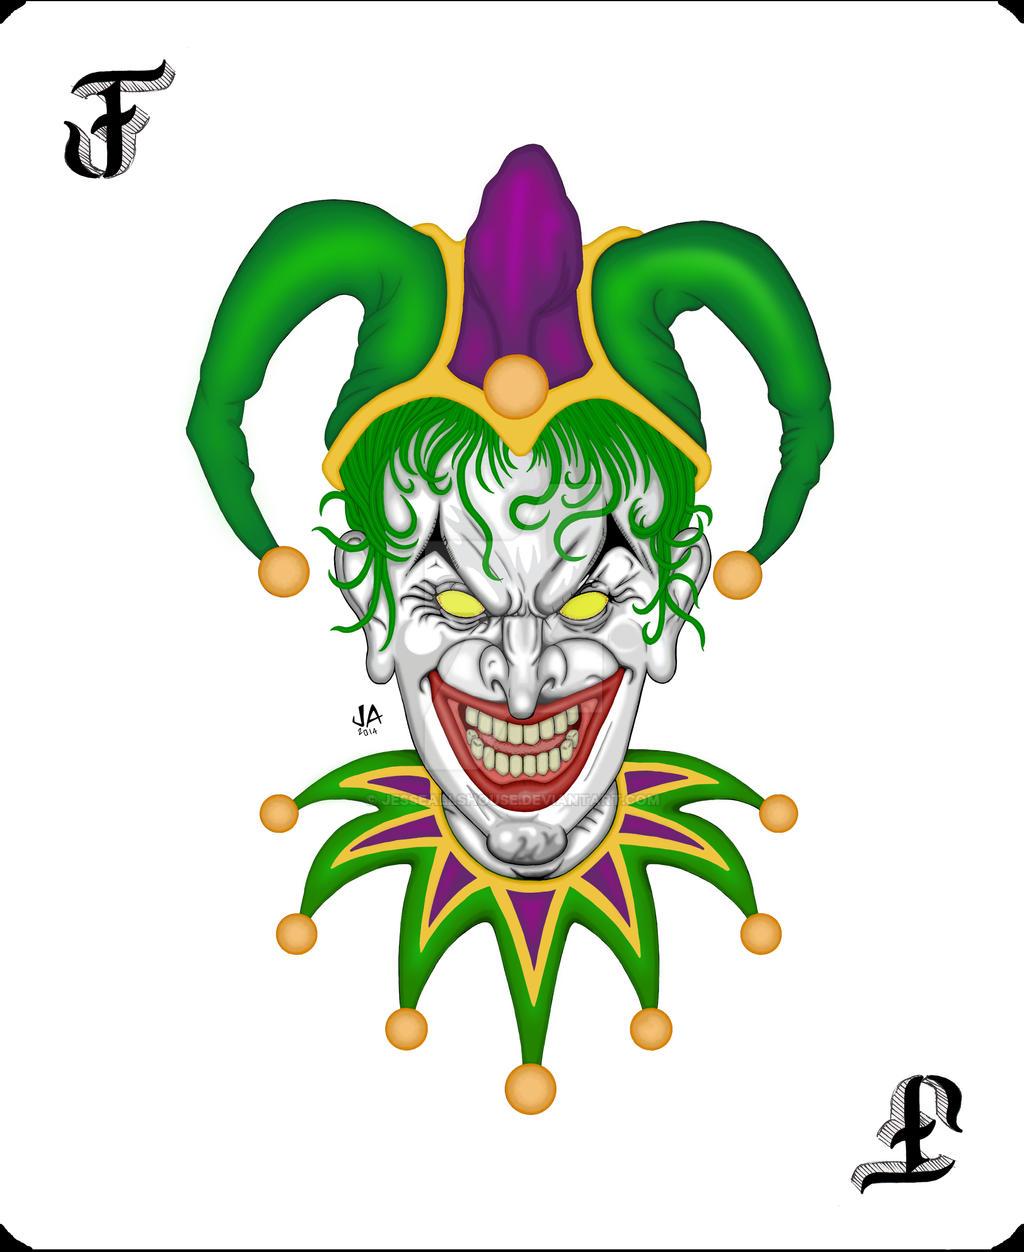 Joker Card 2.0